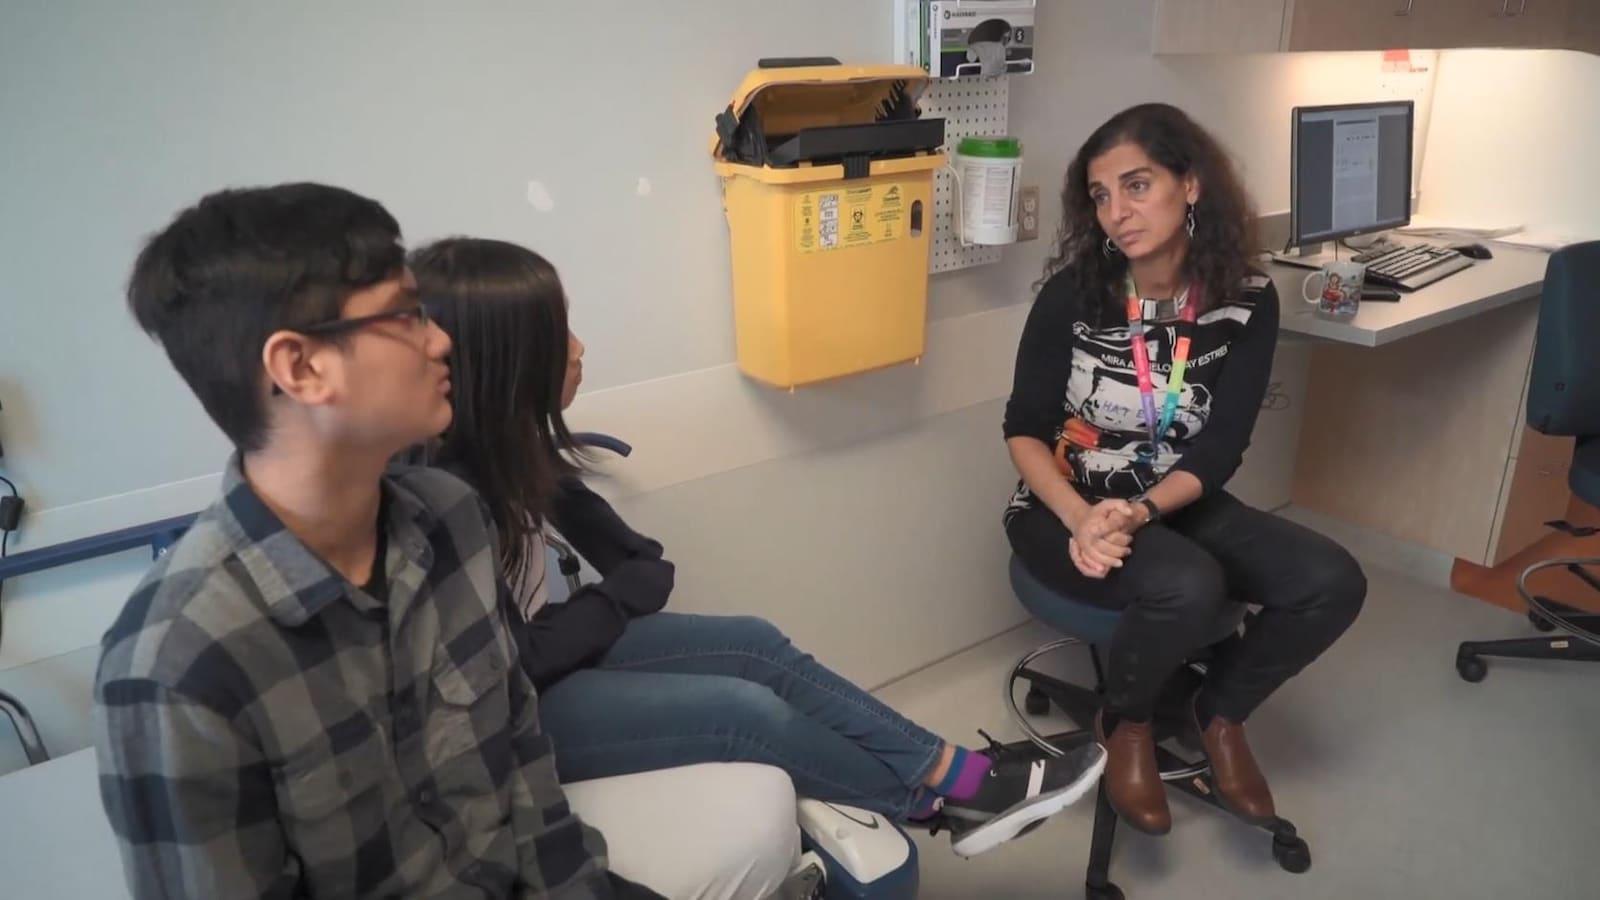 La Dre Nada Jabado, hémato-oncologue pédiatre à l'Institut de recherche du Centre universitaire de santé McGill, s'entretient avec Thomas et Meagan Trinh.